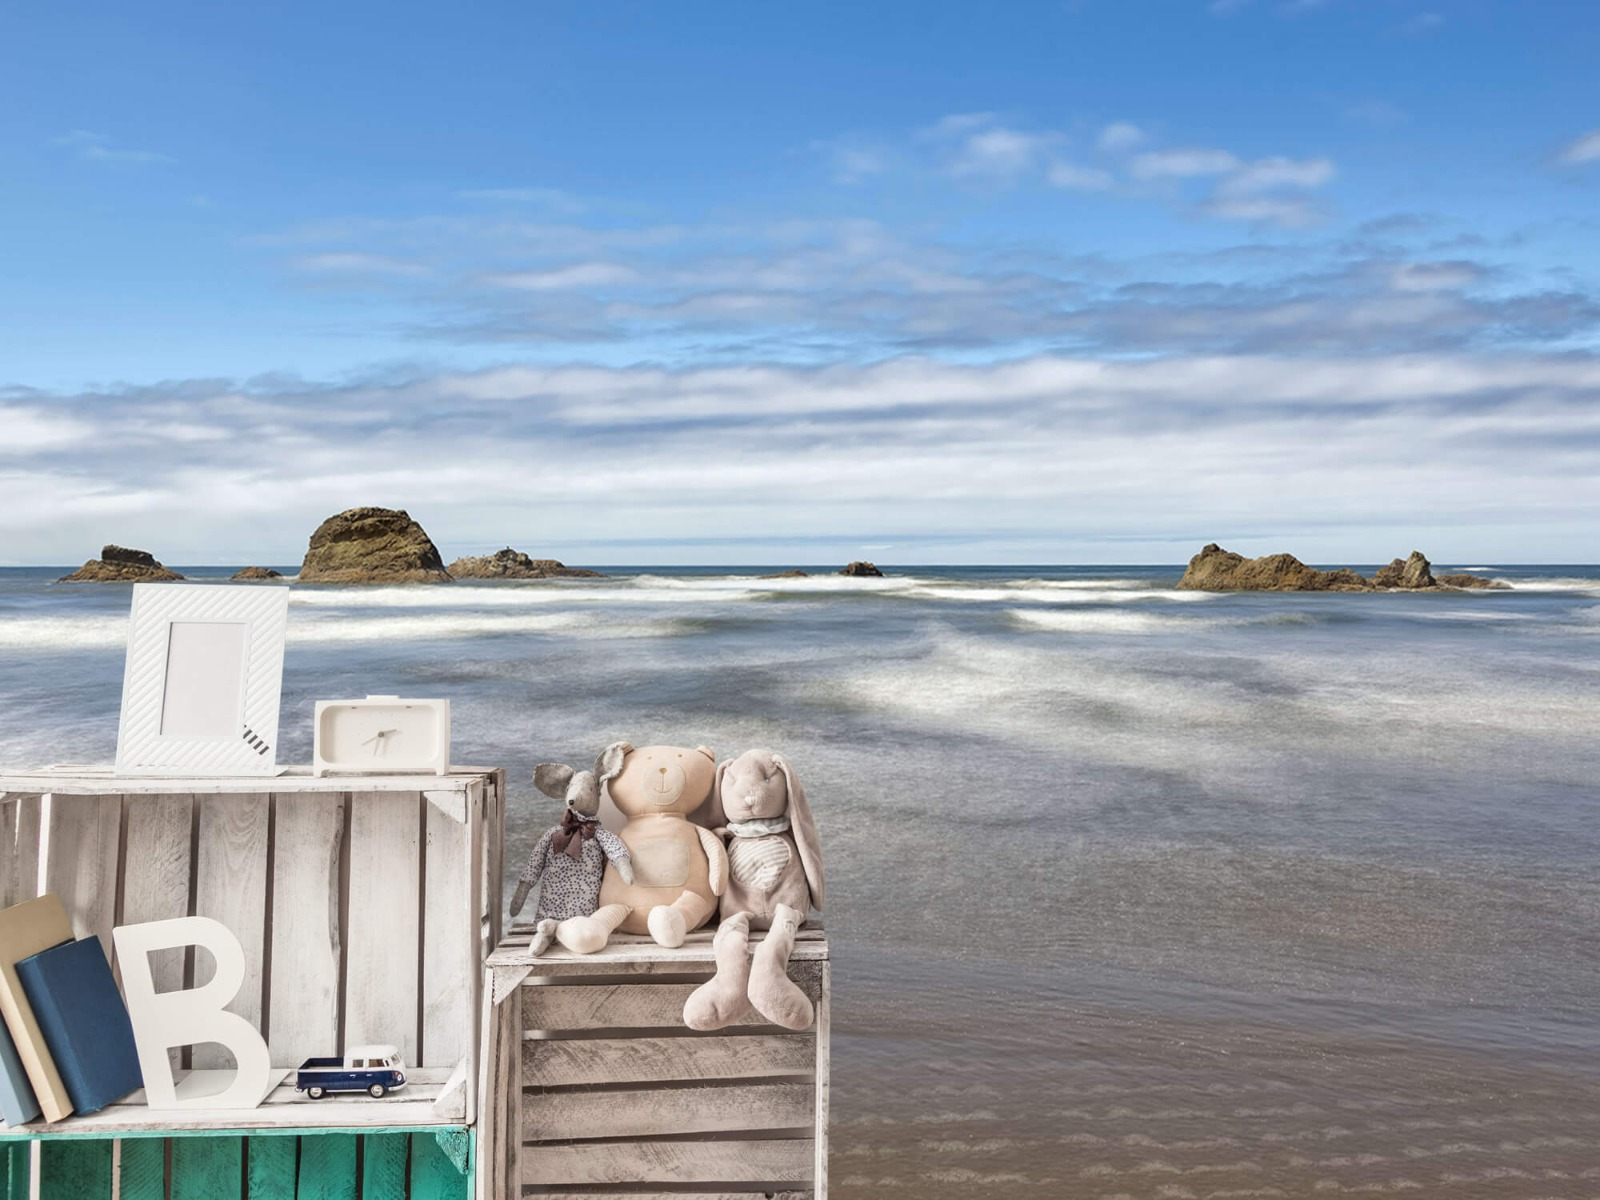 Zeeën en Oceanen - Strand met rotsen - Slaapkamer 21